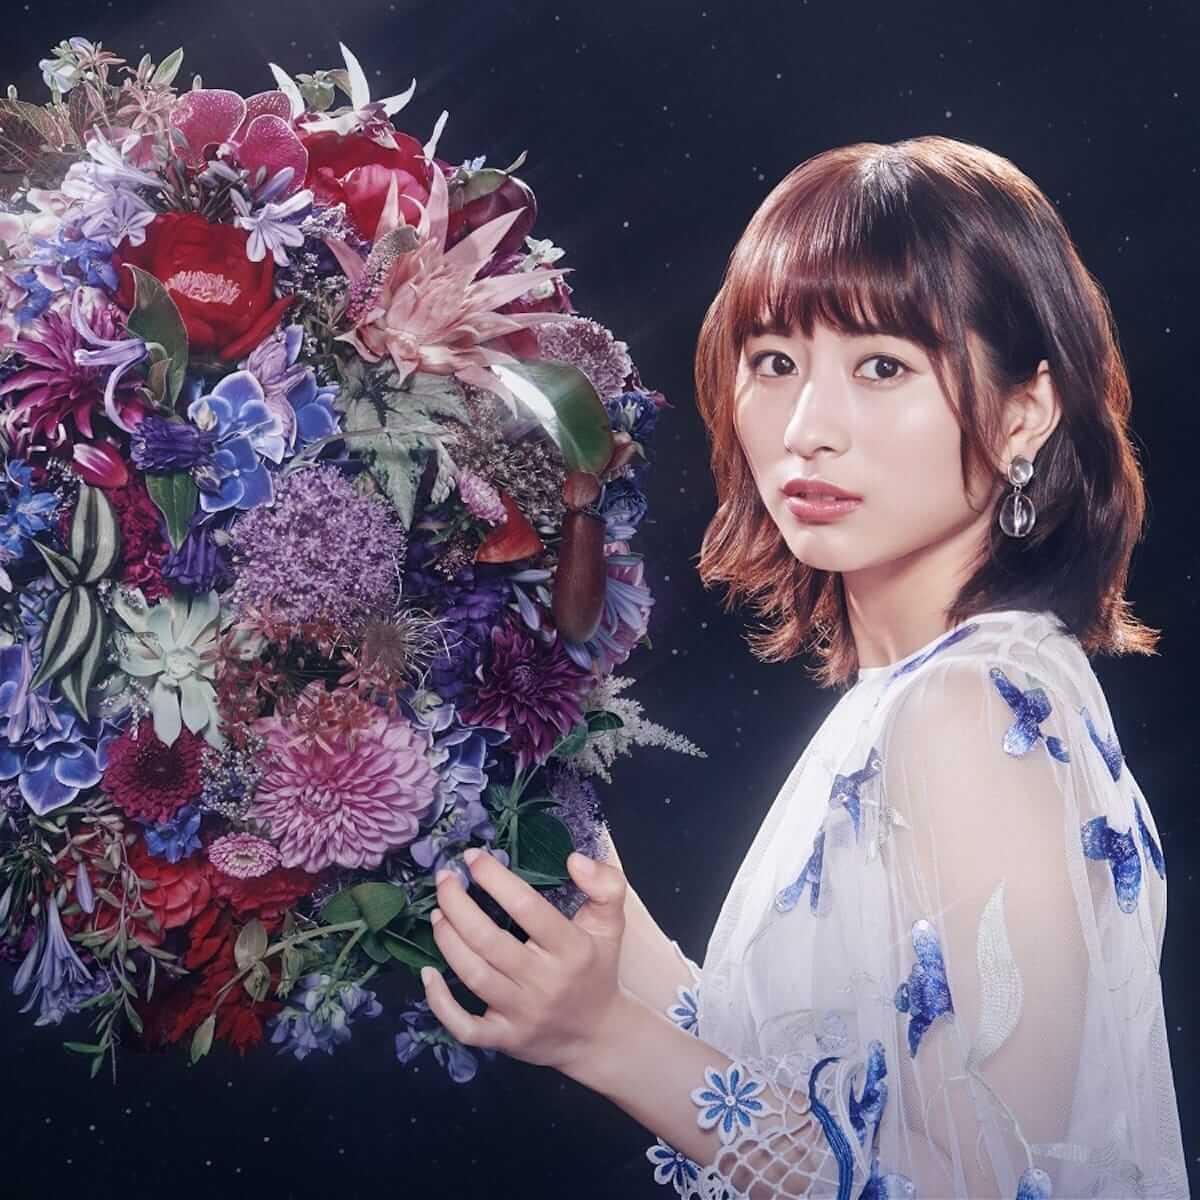 日本の有名女優に似ていると話題!栗子ことロン・モンロウのキュートすぎる魅力 music180621_ron-monroe_2-1200x1200